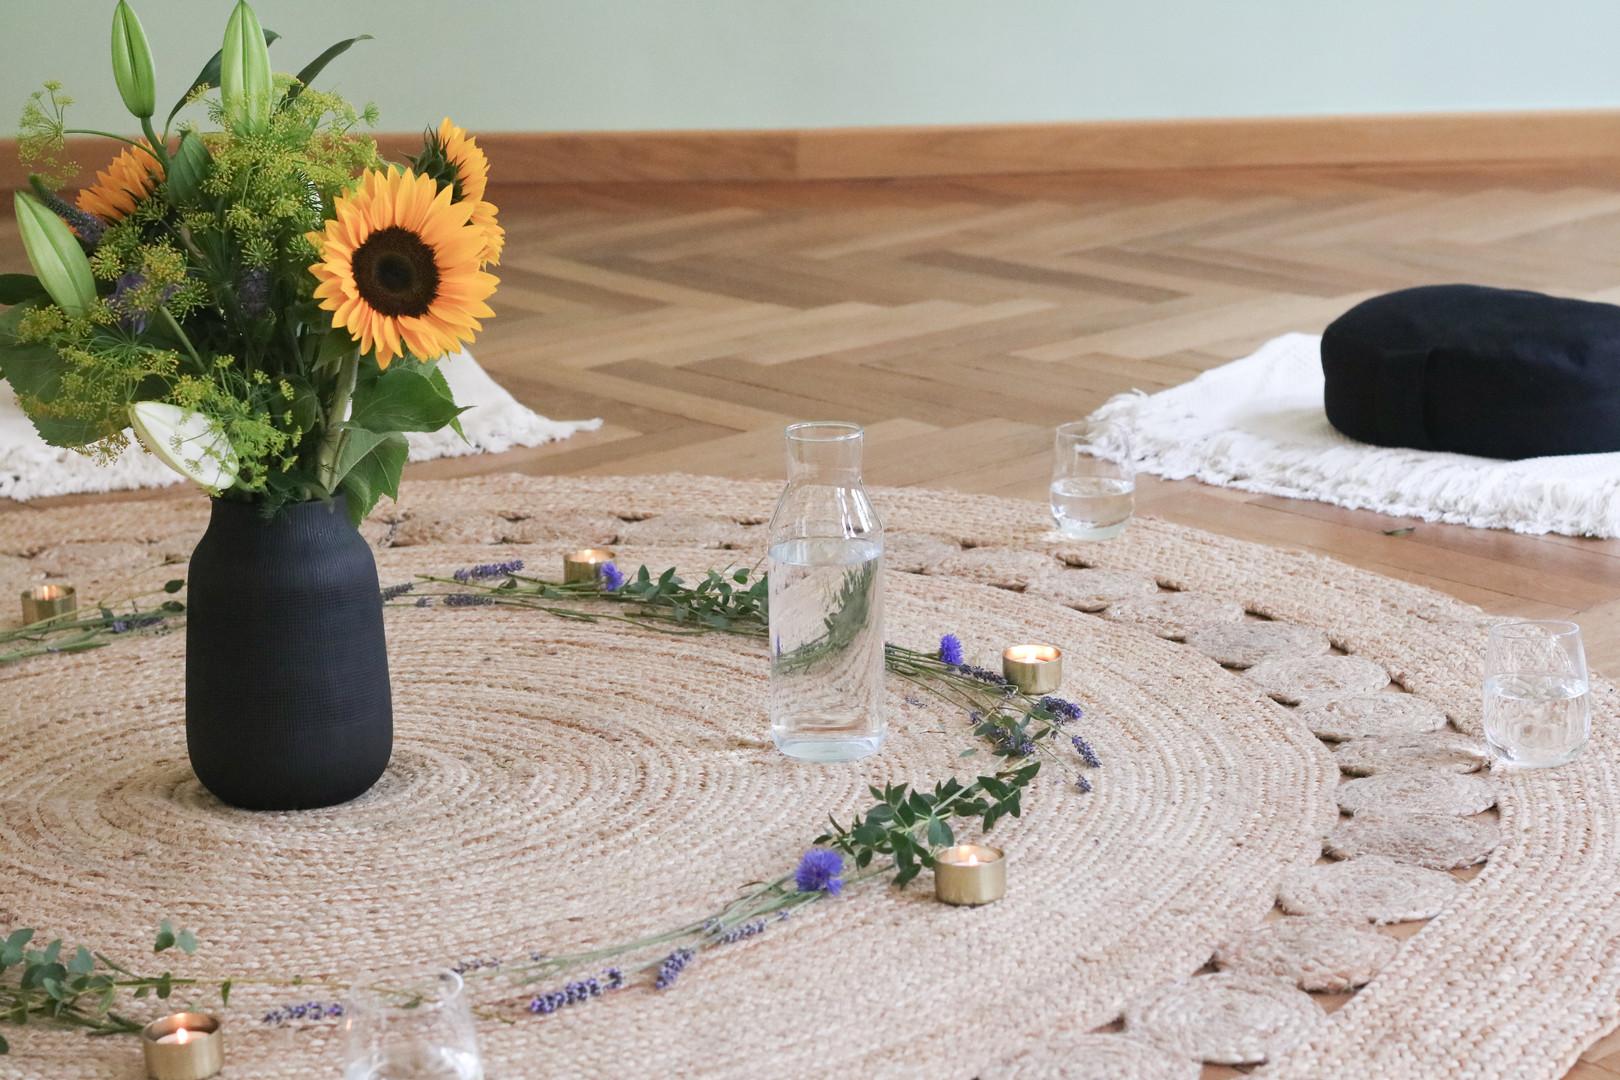 Teppich mit Meditationskissen und Blumen